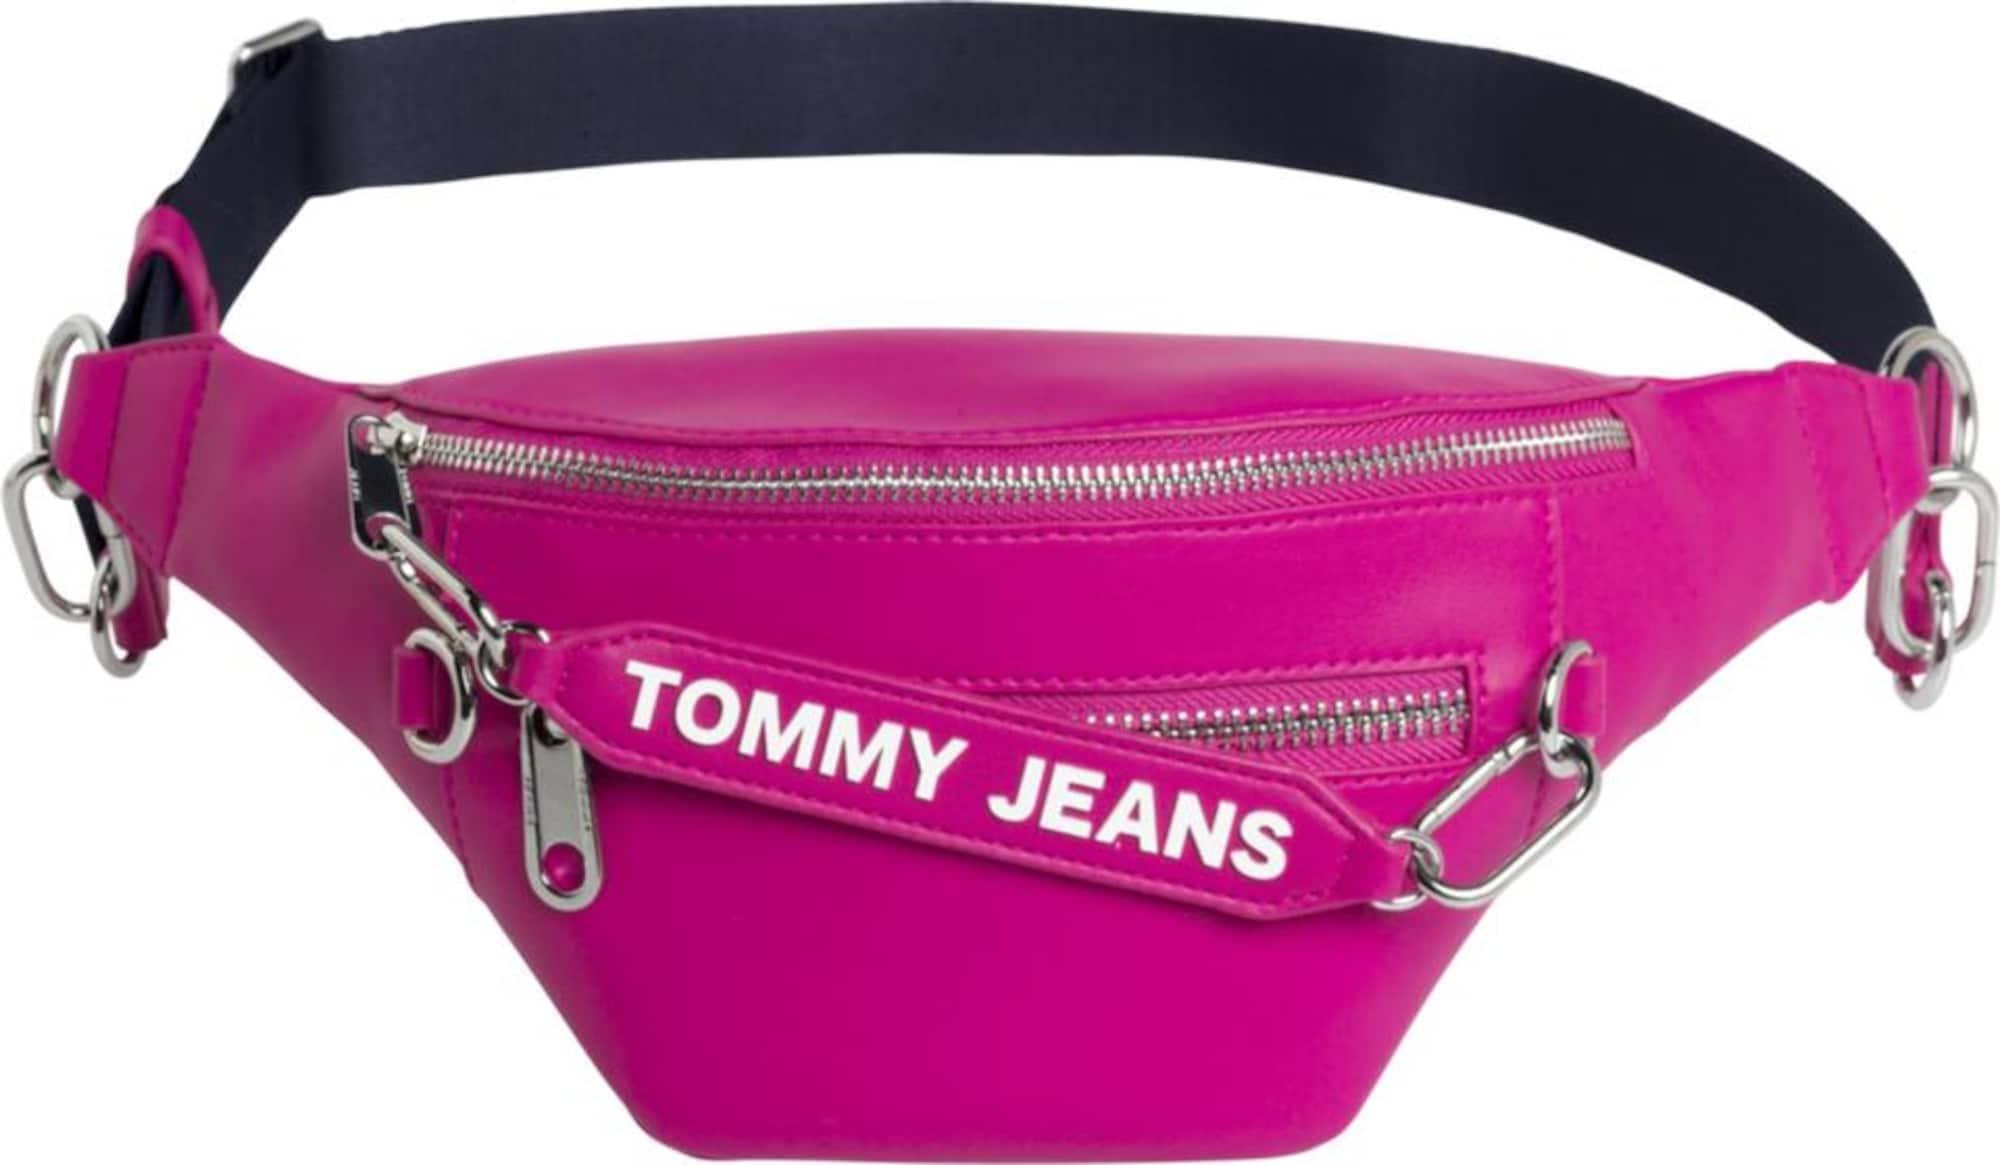 tommy hilfiger - Handtasche ´TJW Femme Bumbag´